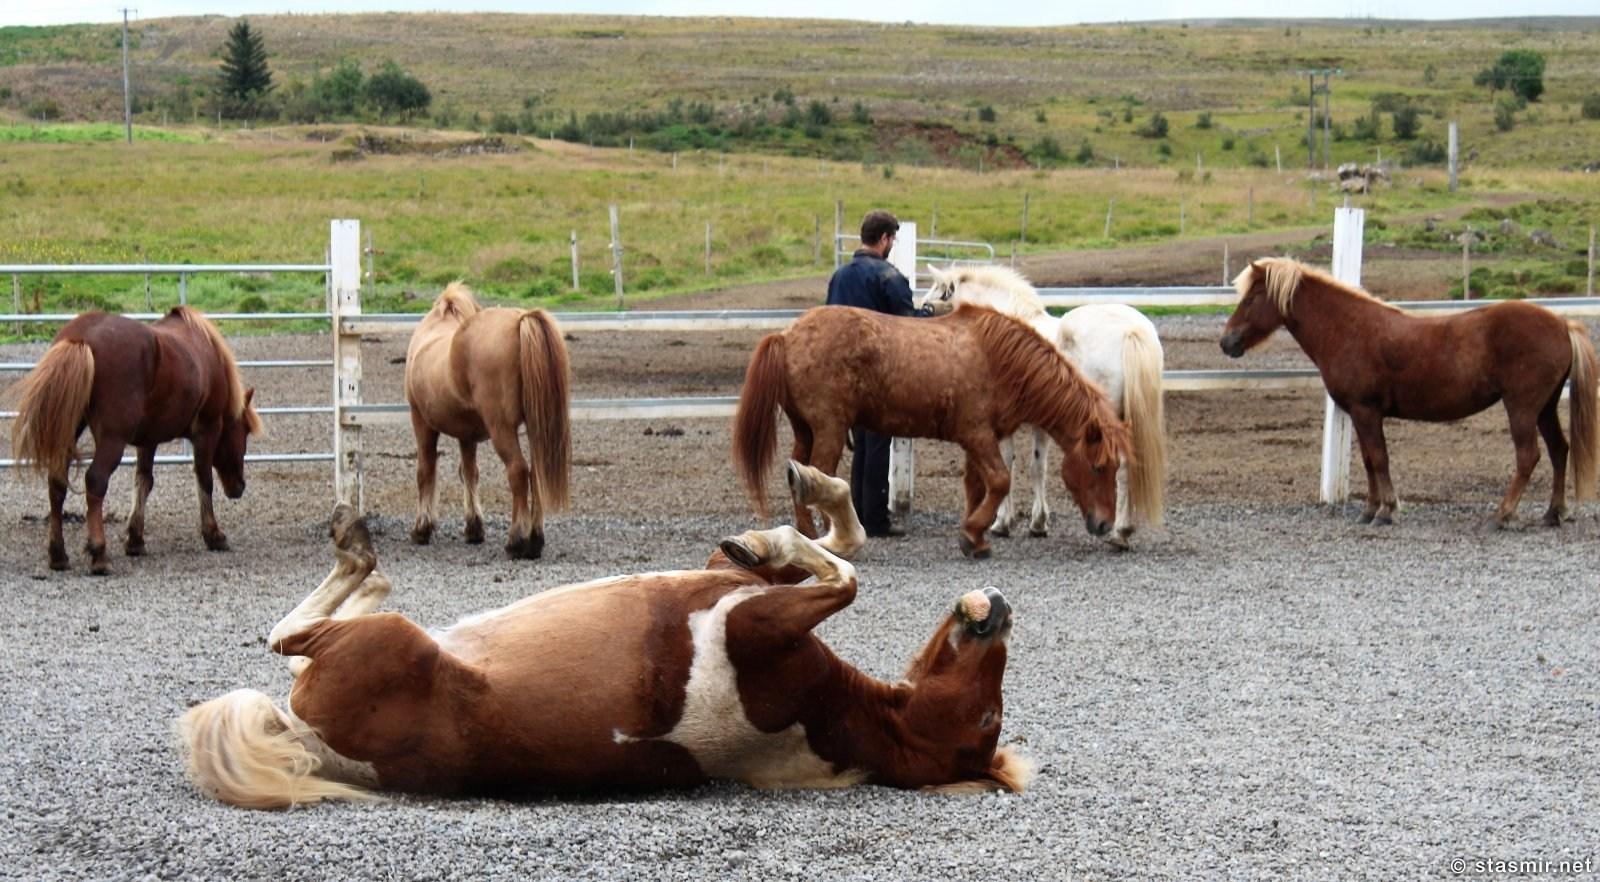 исландские лошадки на заслуженном отдыхе после трудового дня, фото Стасмир, photo Stasmir